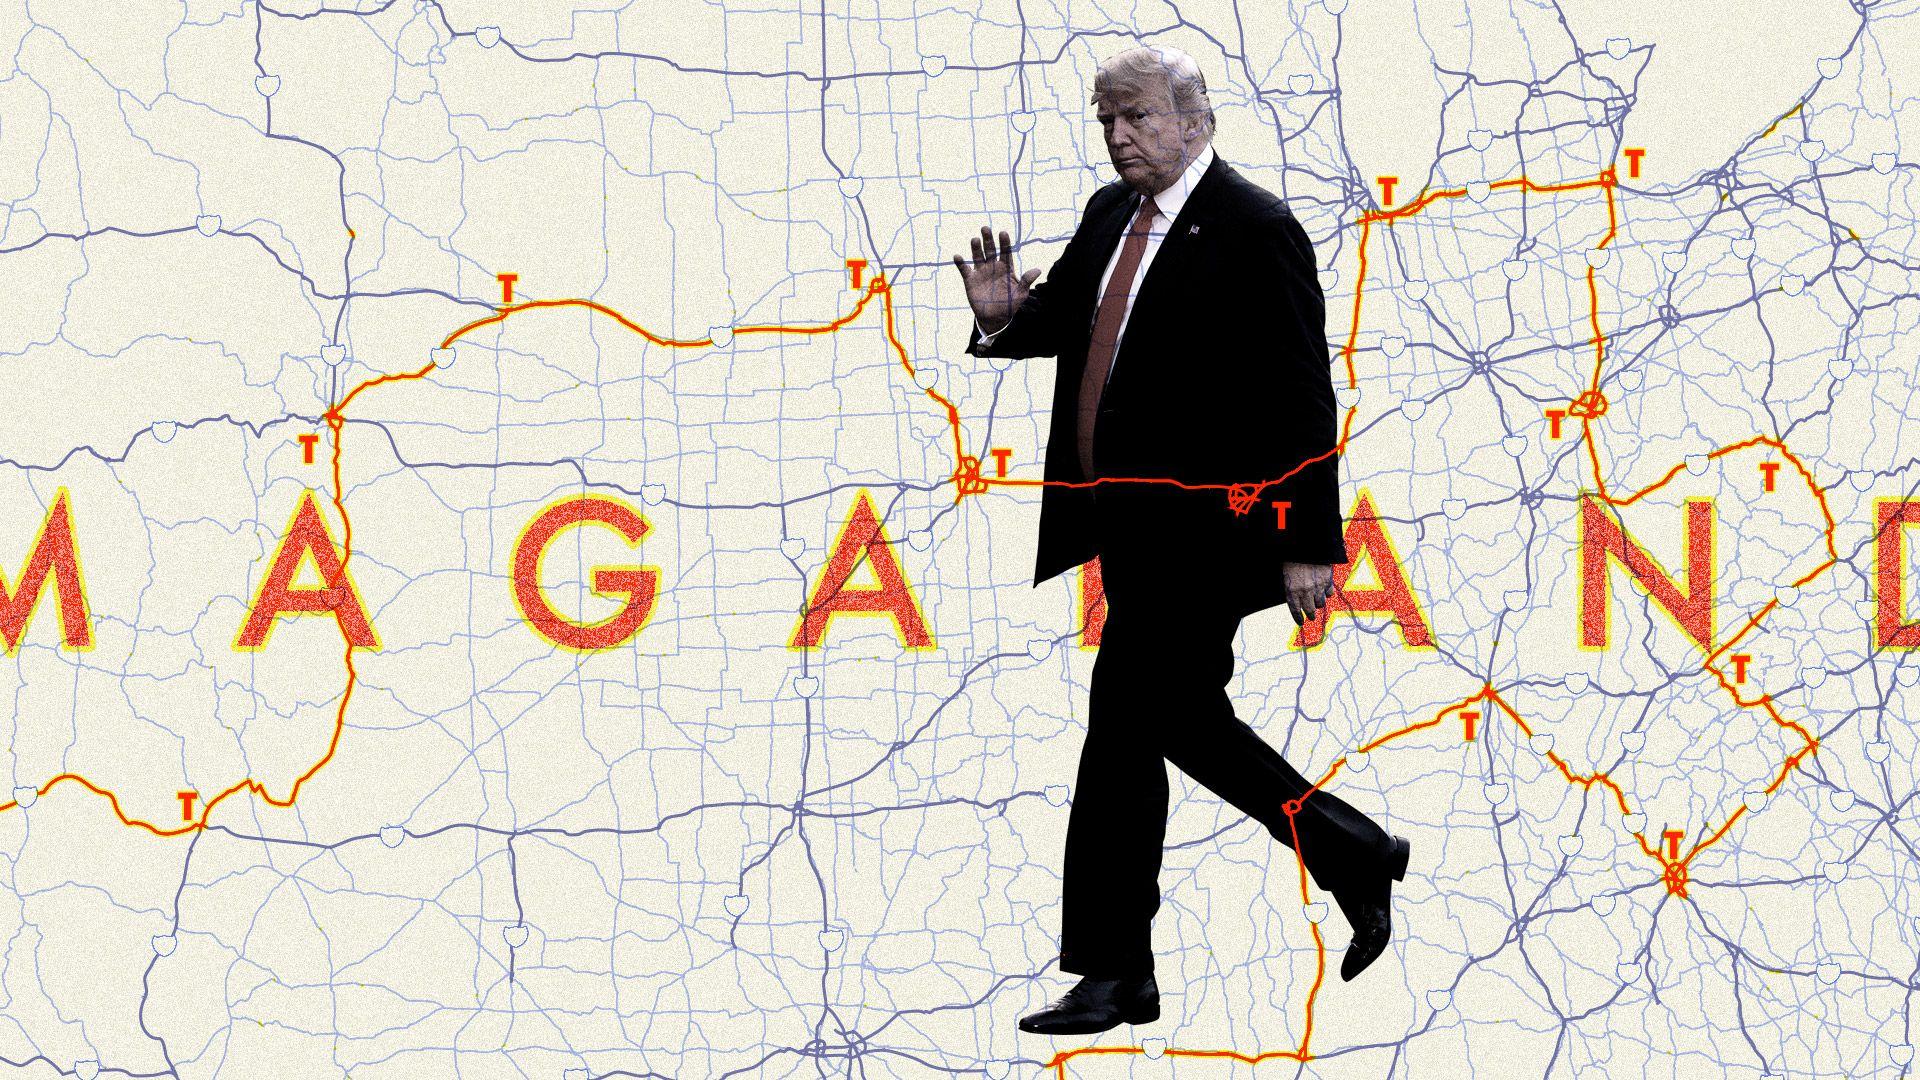 Trump's road trip.